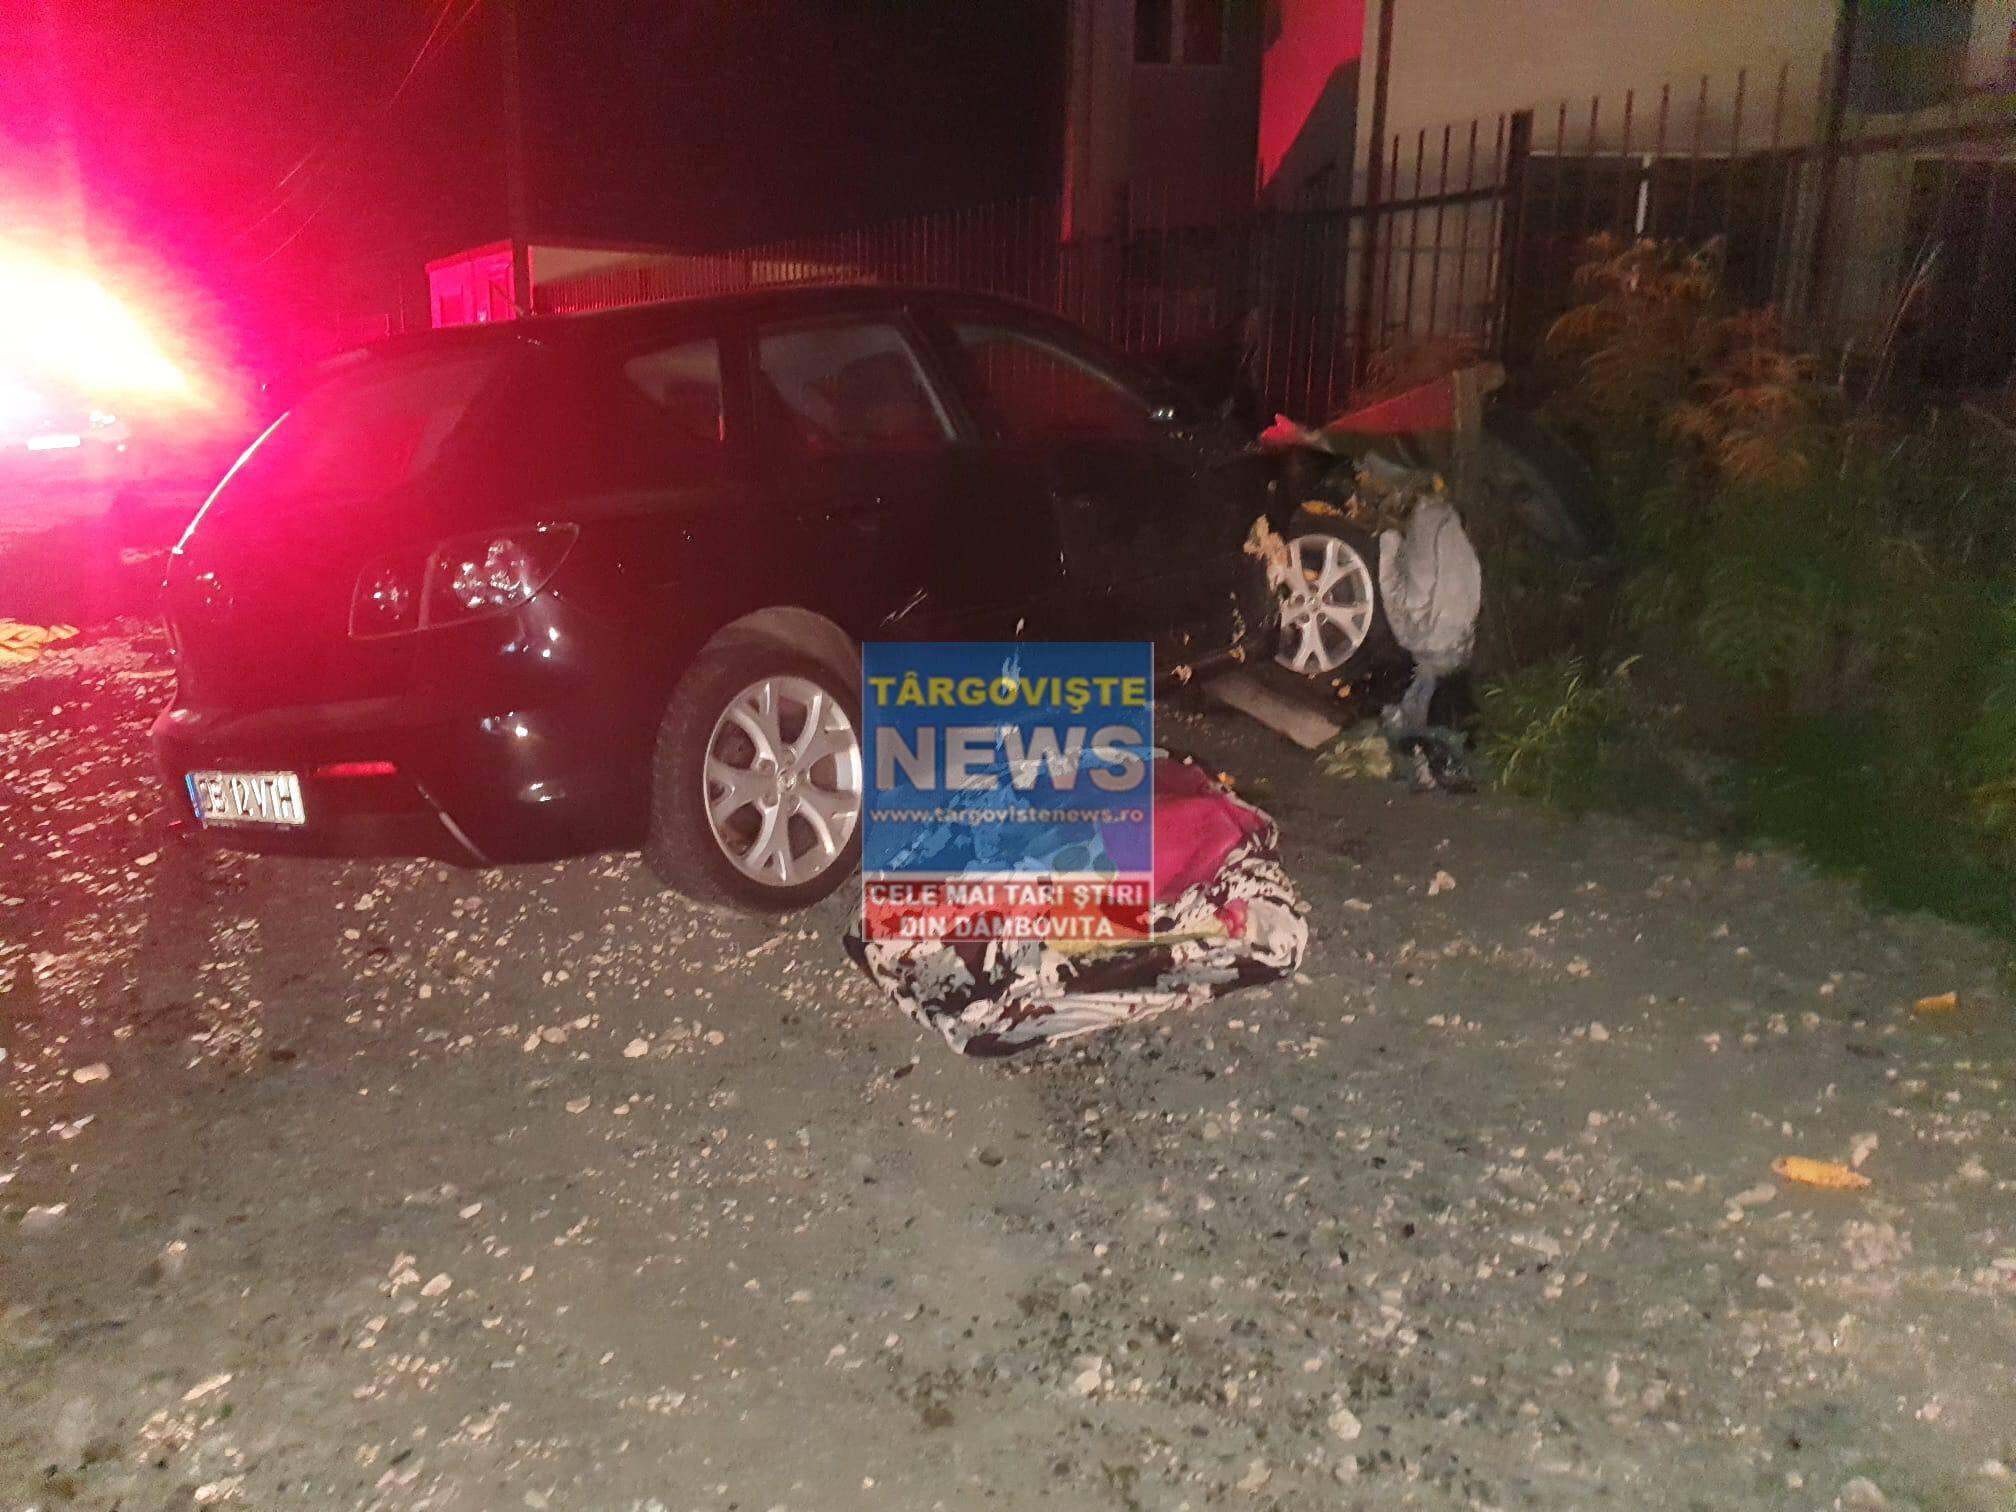 FOTO – VIDEO. O căruță în care se aflau 10 persoane a fost spulberată de o mașină, aseară, la Matraca